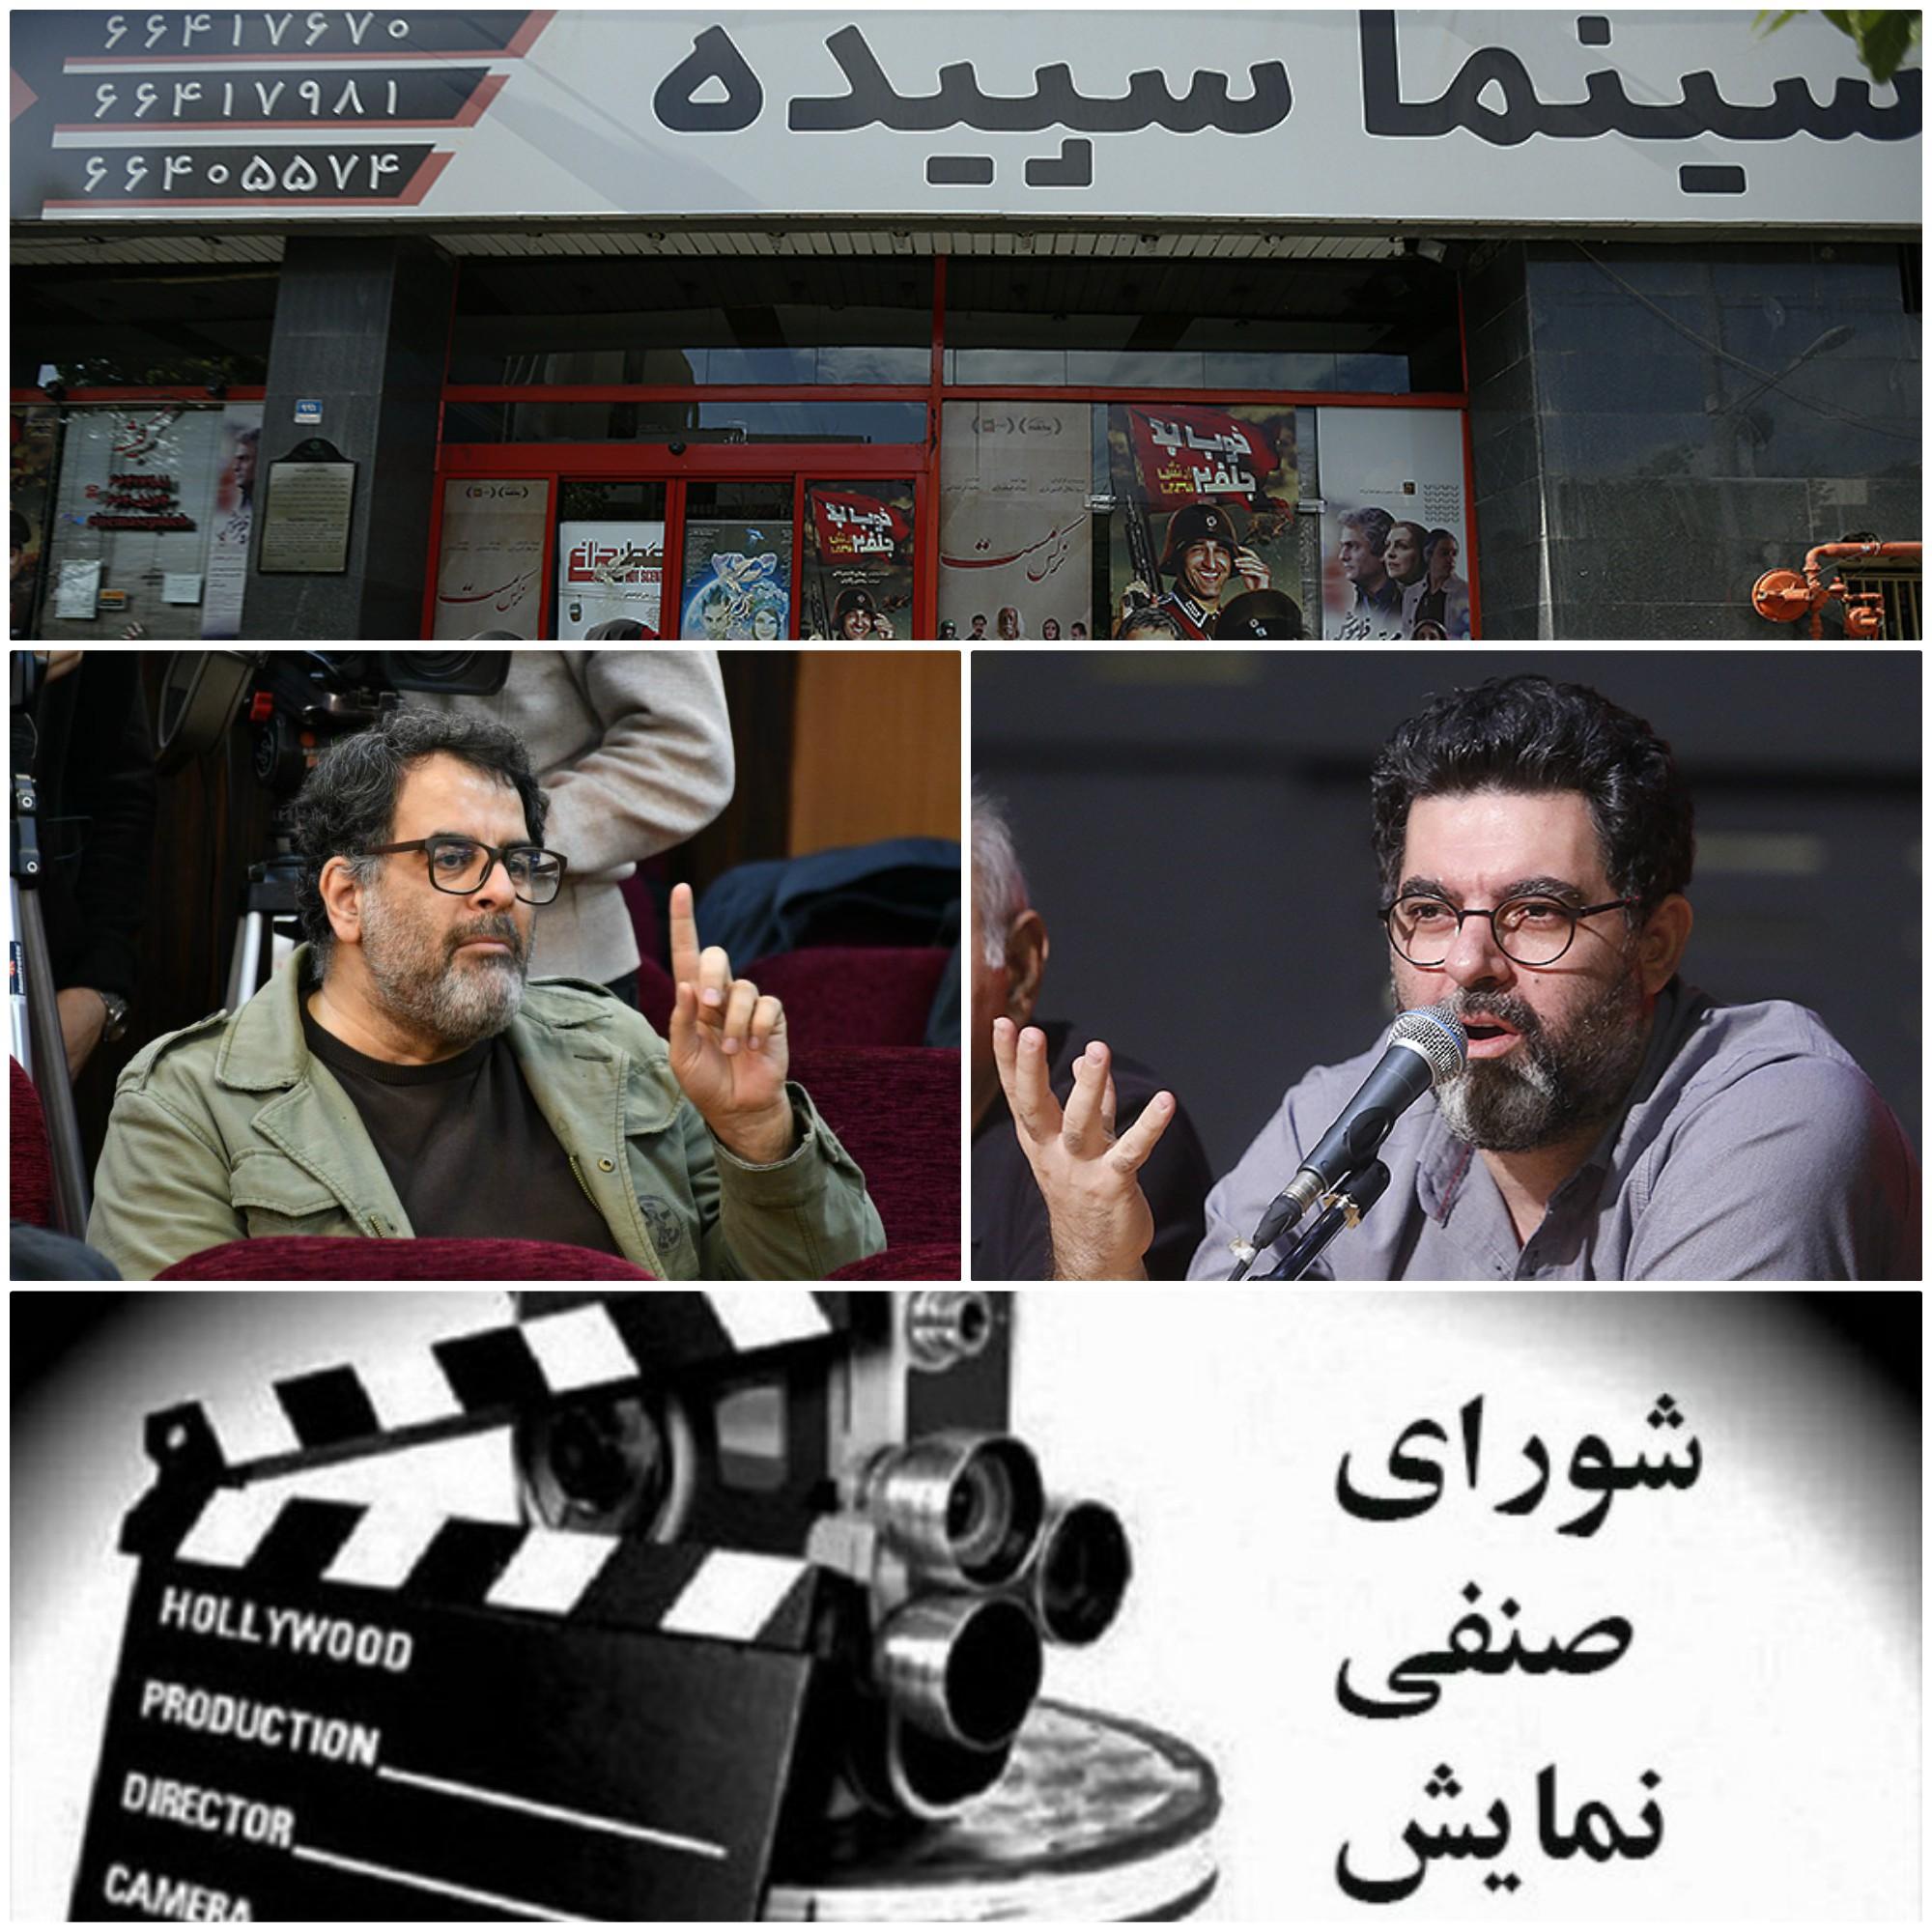 مصطفی کیایی جایگزین محسن امیر یوسفی میشود؟/ احتمال بازگشایی سینماها در تیر ماه